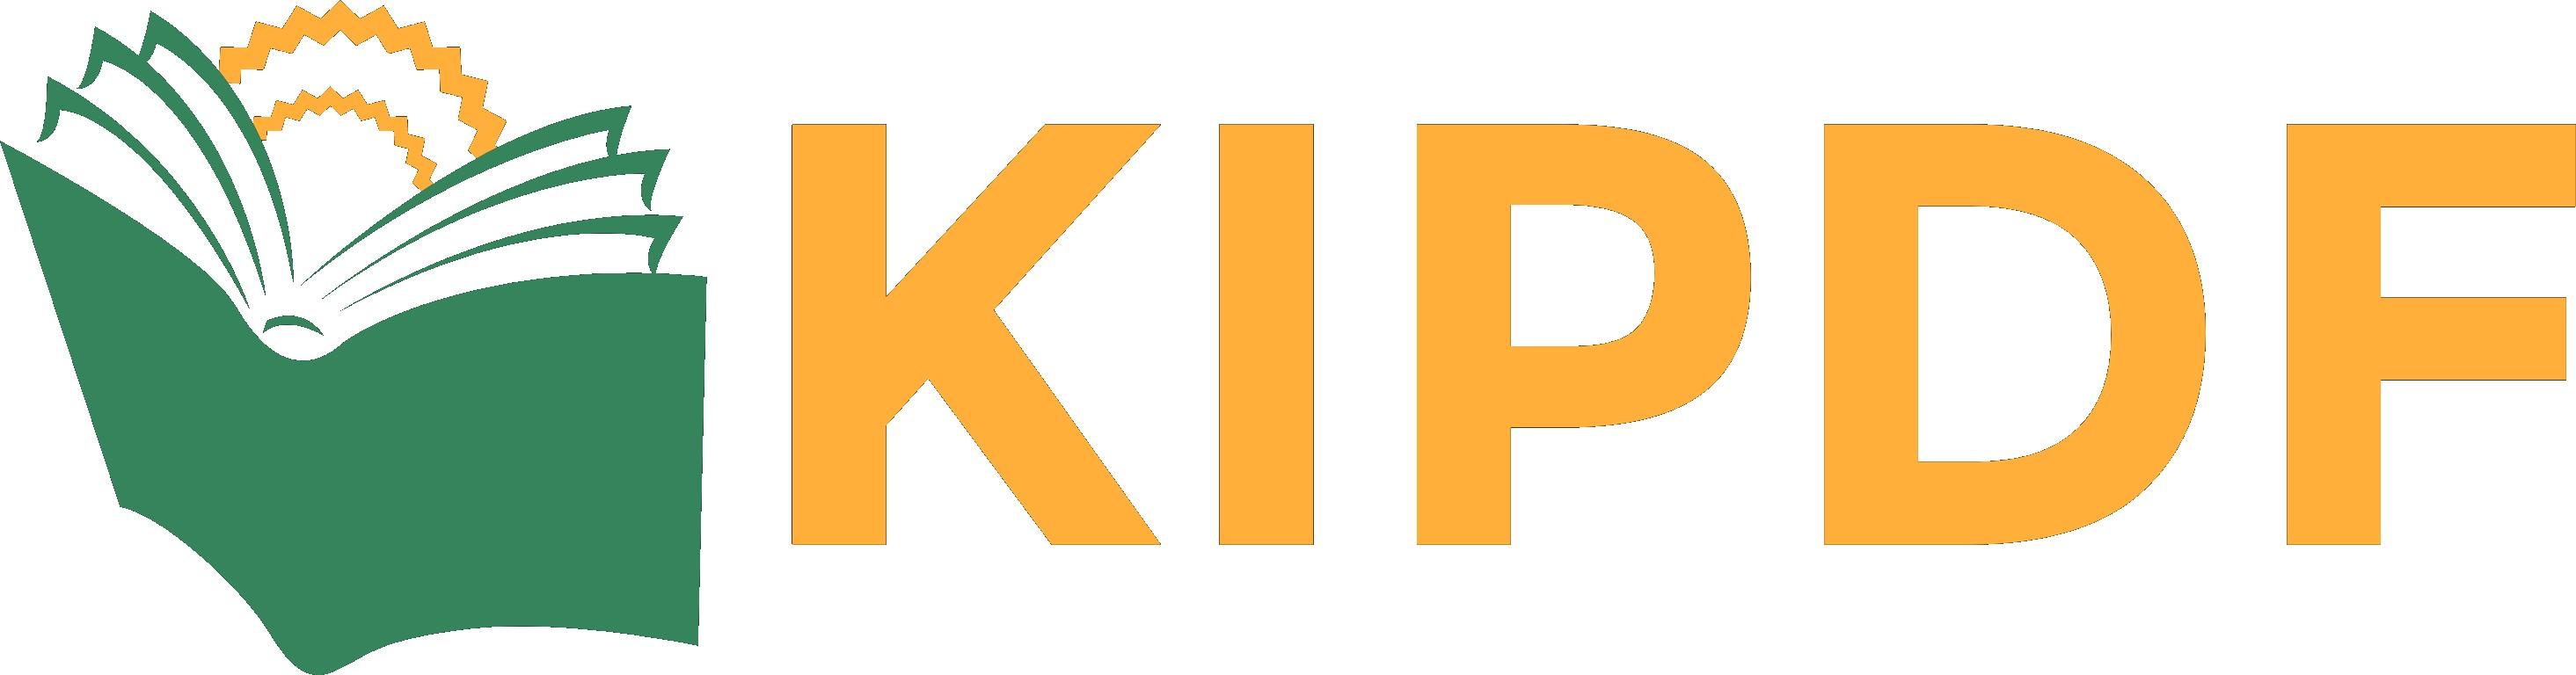 Este documento es el reporte técnico del proyecto de investigaci³n del grupo multidisciplinario de investigaci³n Primera edici³n 2012 KIPDF